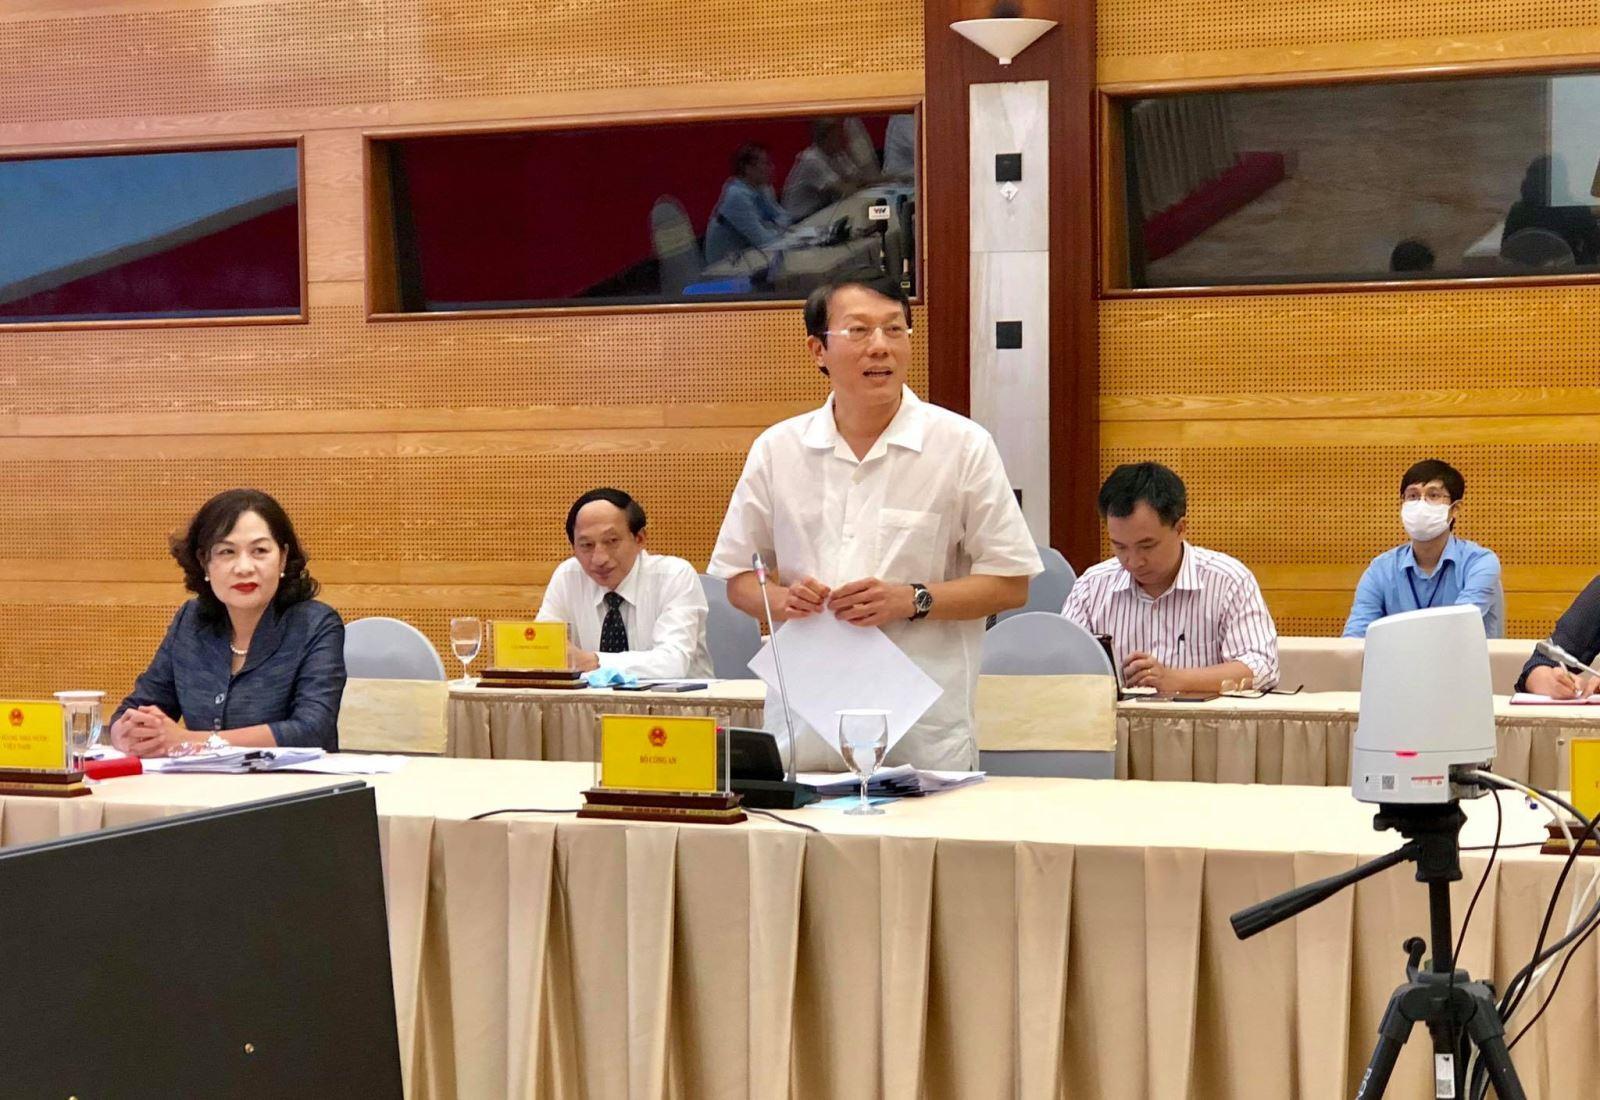 Thứ trưởng Bộ Công an Lương Tam Quang trả lời báo chí về vụ án hình sự vi phạm quy định về đấu thầu gây hậu quả nghiêm trọng xảy ra tại CDC Hà Nội (thuộc Sở Y tế Hà Nội).